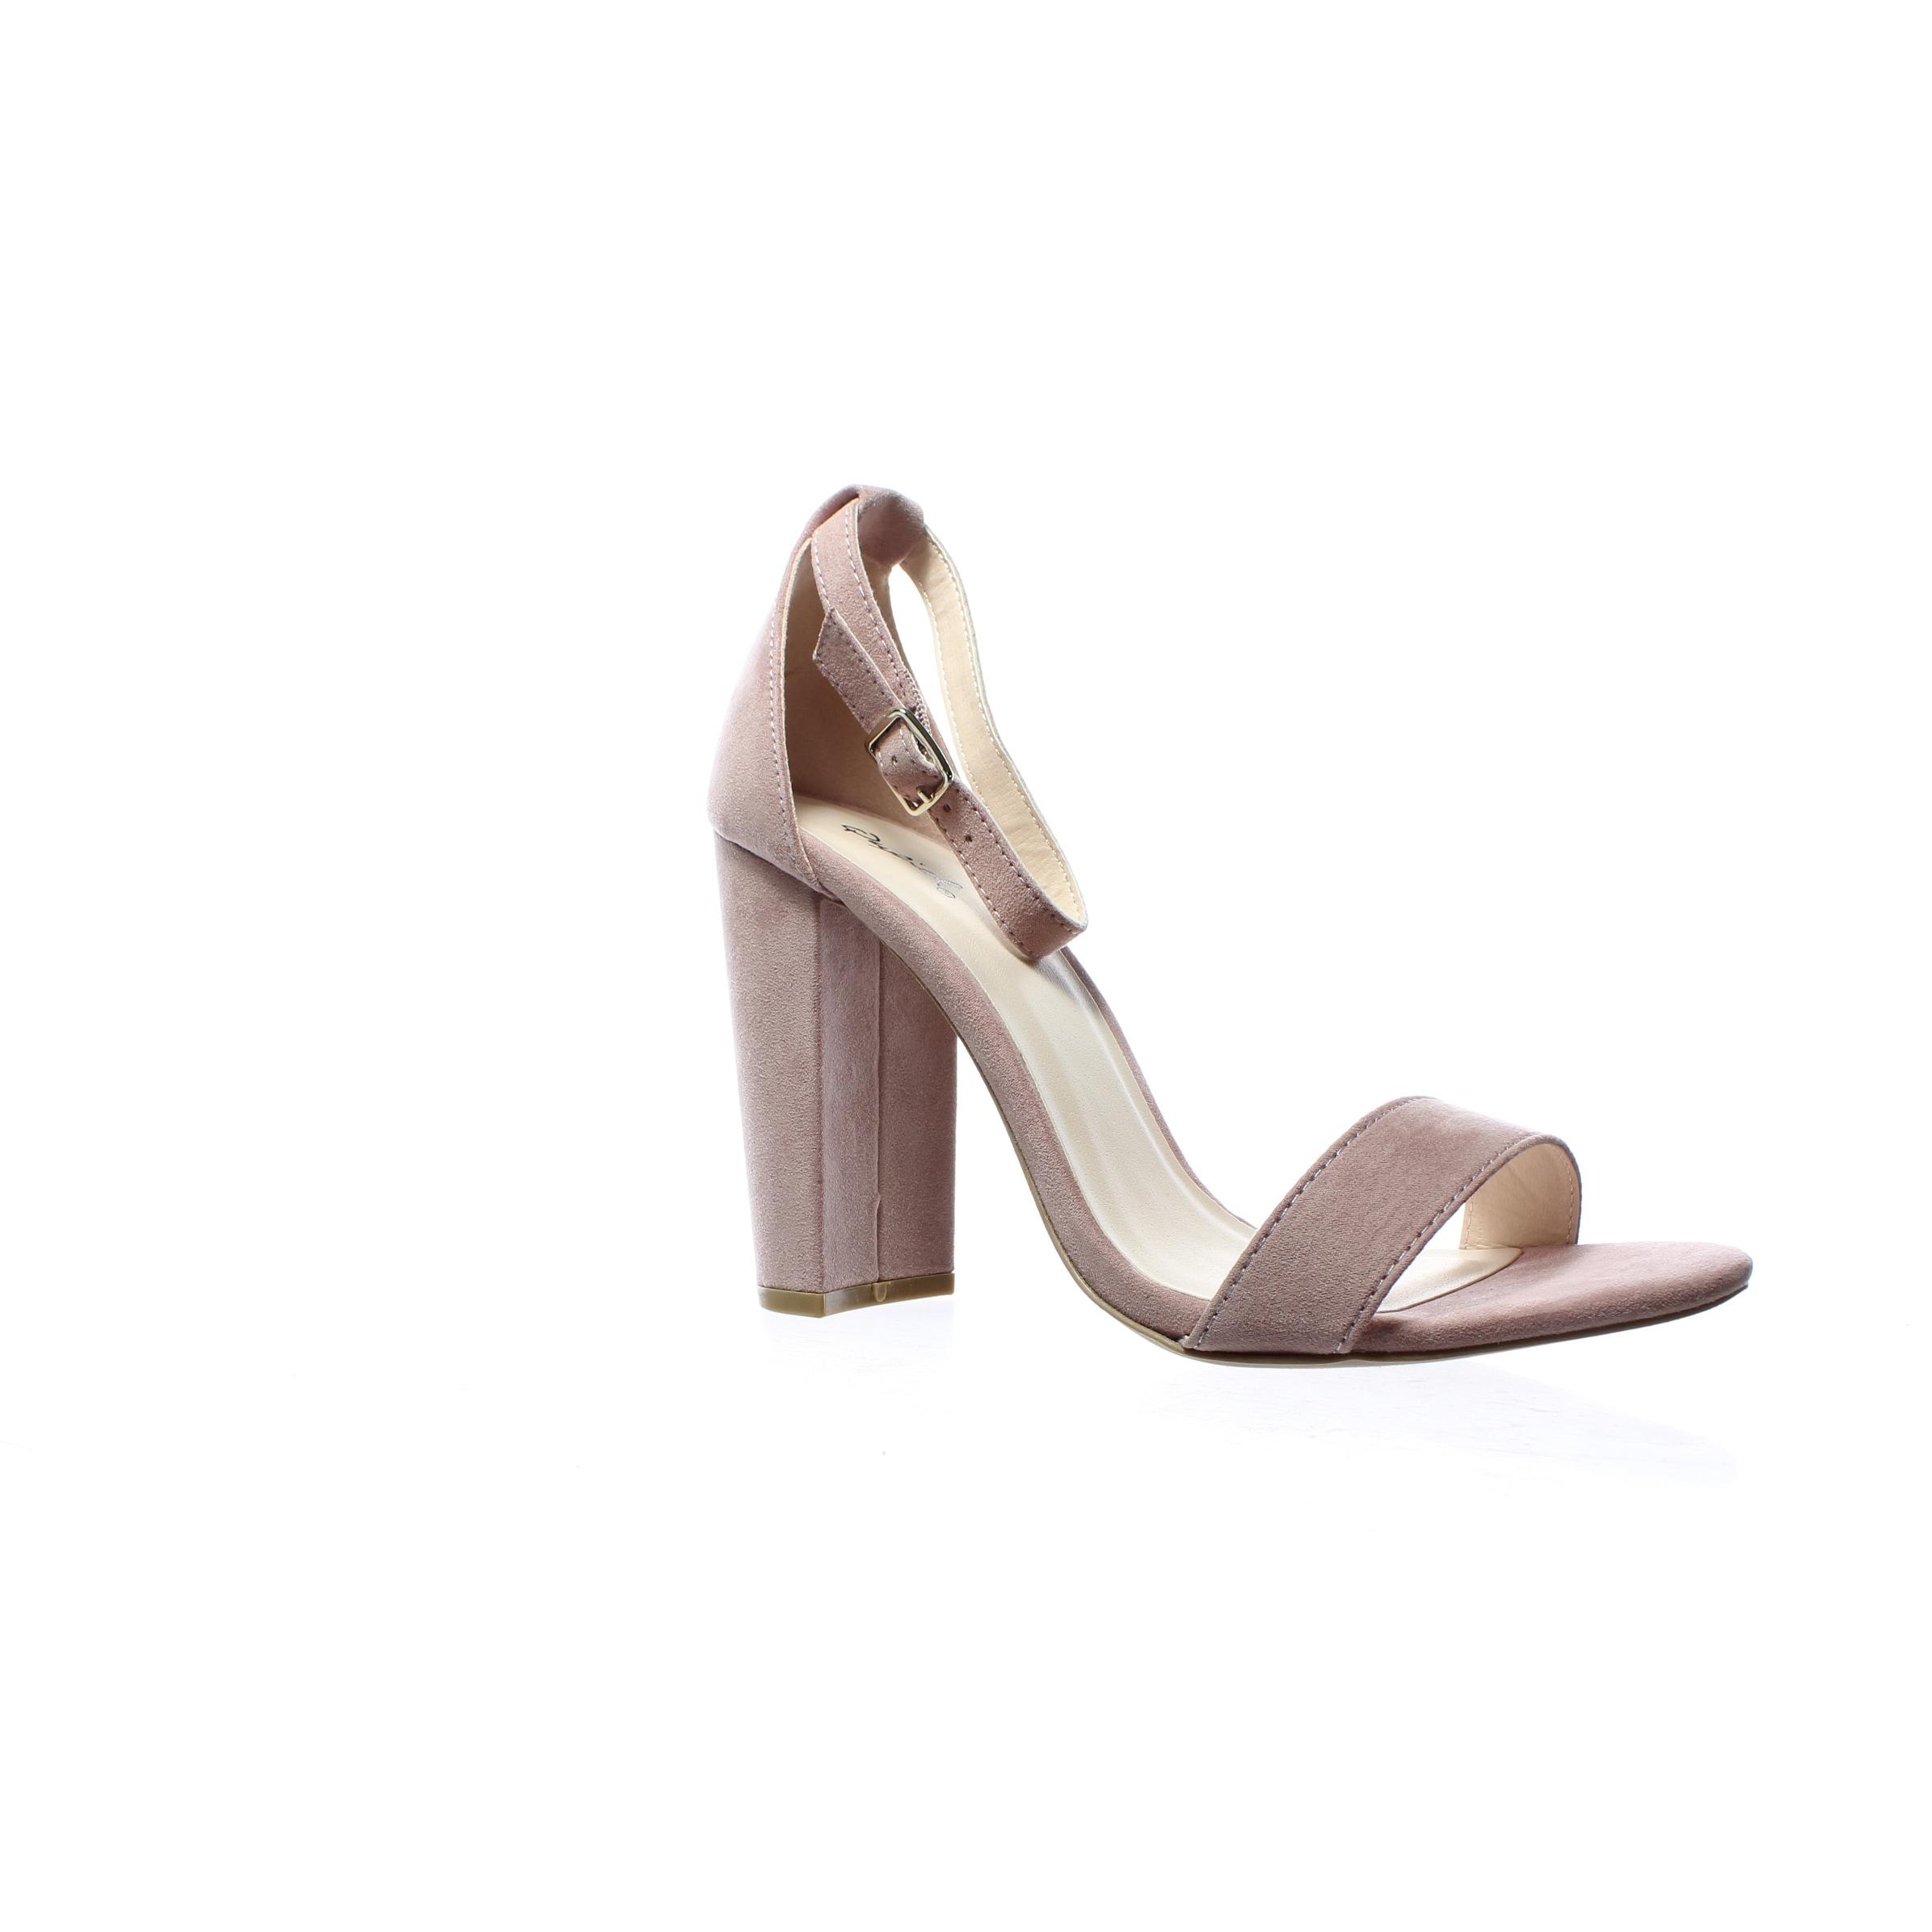 6b1ed0316eb Buy Qupid Women s Heels Online at Overstock